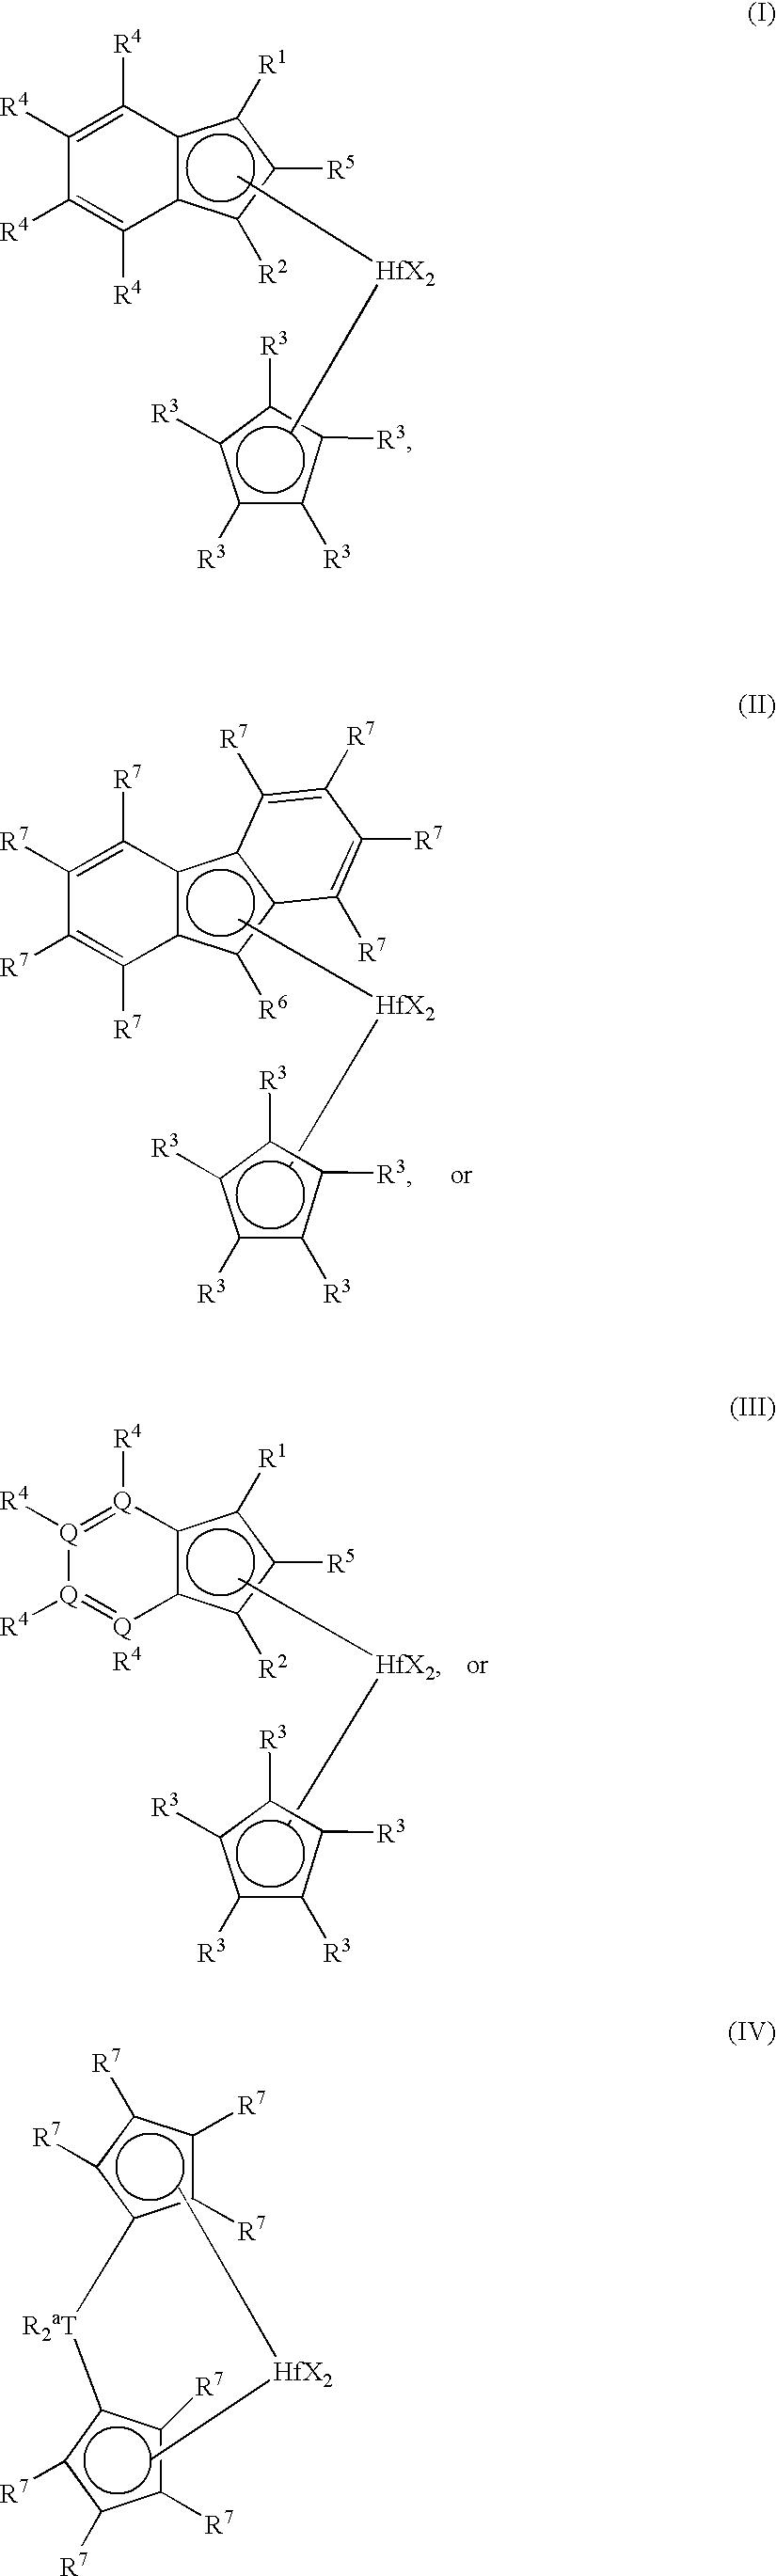 Figure US20100113706A1-20100506-C00004